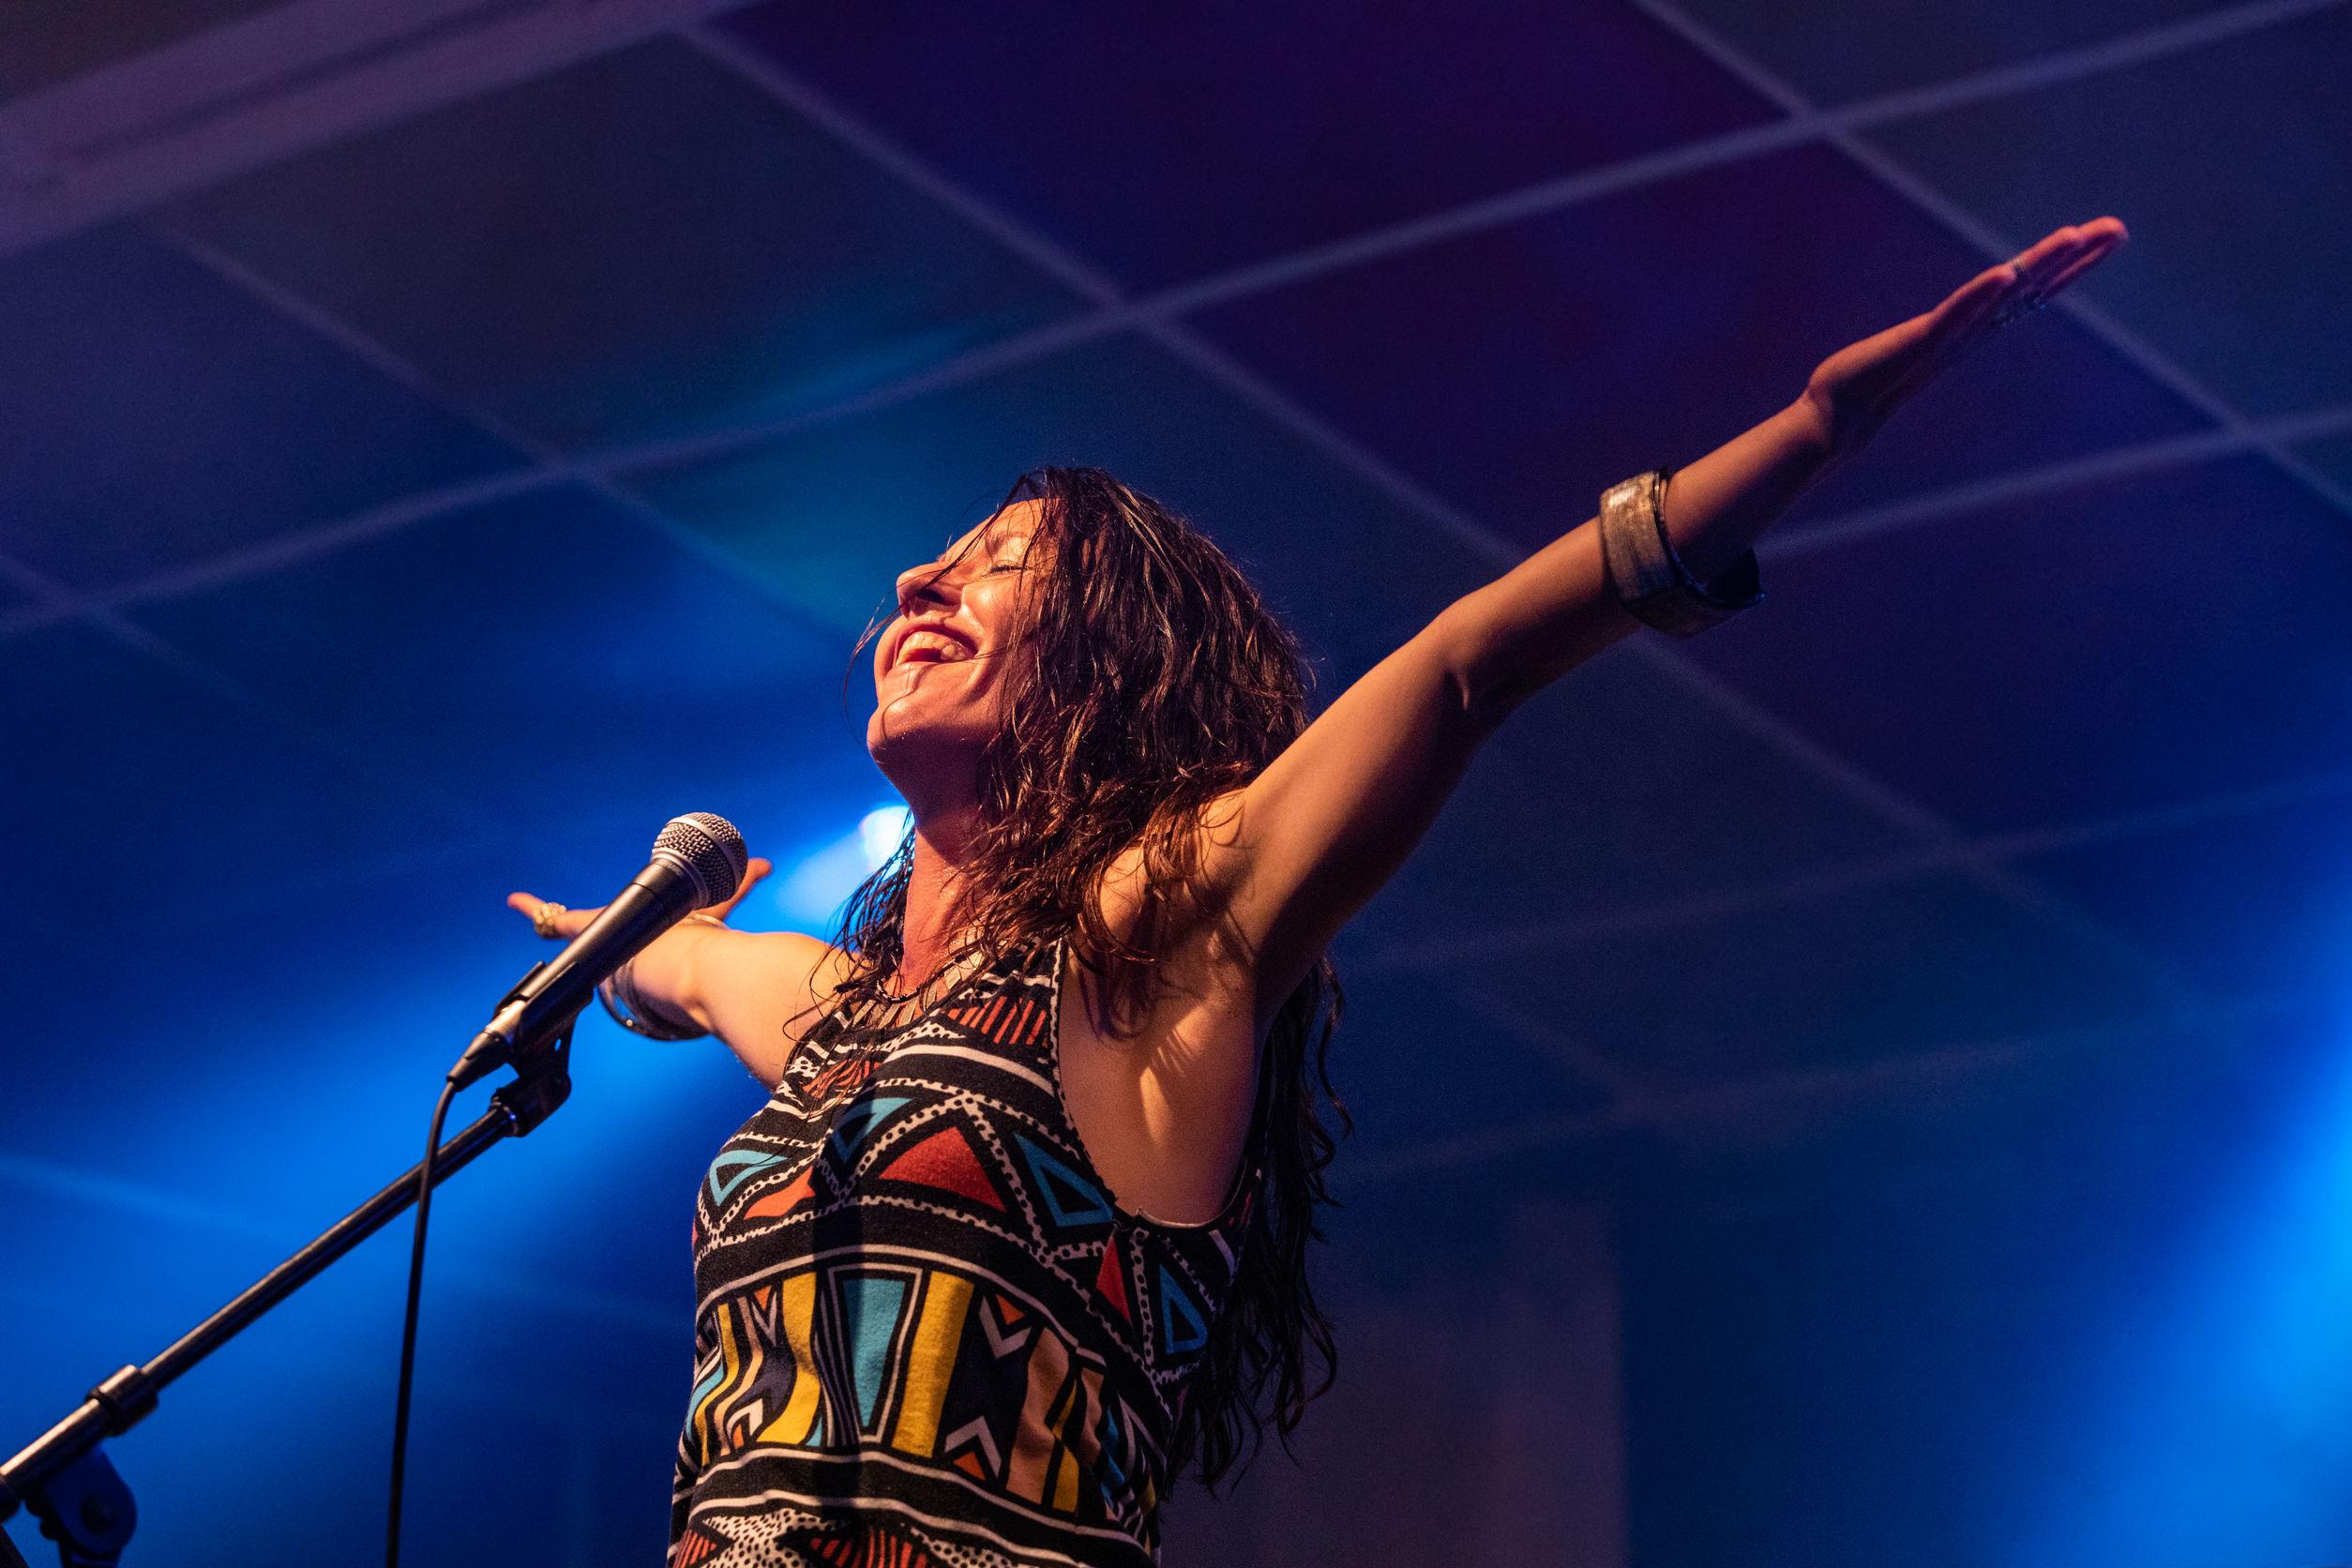 Una mujer músico es vista desde un ángulo bajo mientras canta y sonríe con la audiencia con las manos levantadas durante una actuación